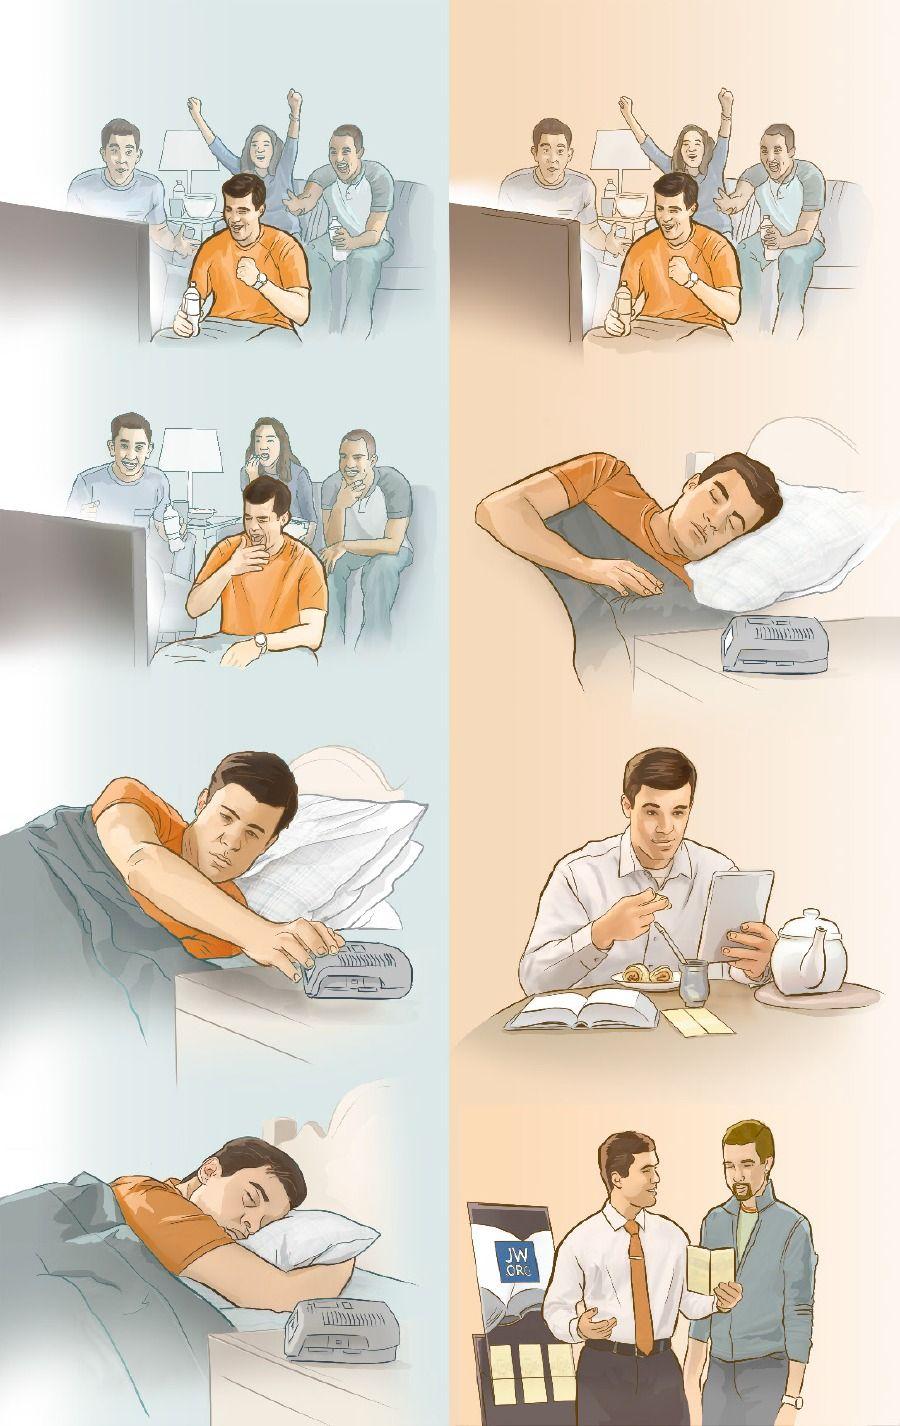 1. UnTestigo se queda hasta tarde viendo la televisión y a la mañana siguiente nose despierta a tiempo; 2. UnTestigo ve la televisión pero se acuesta temprano; a la mañana siguiente se levanta a tiempo para ir a predicar